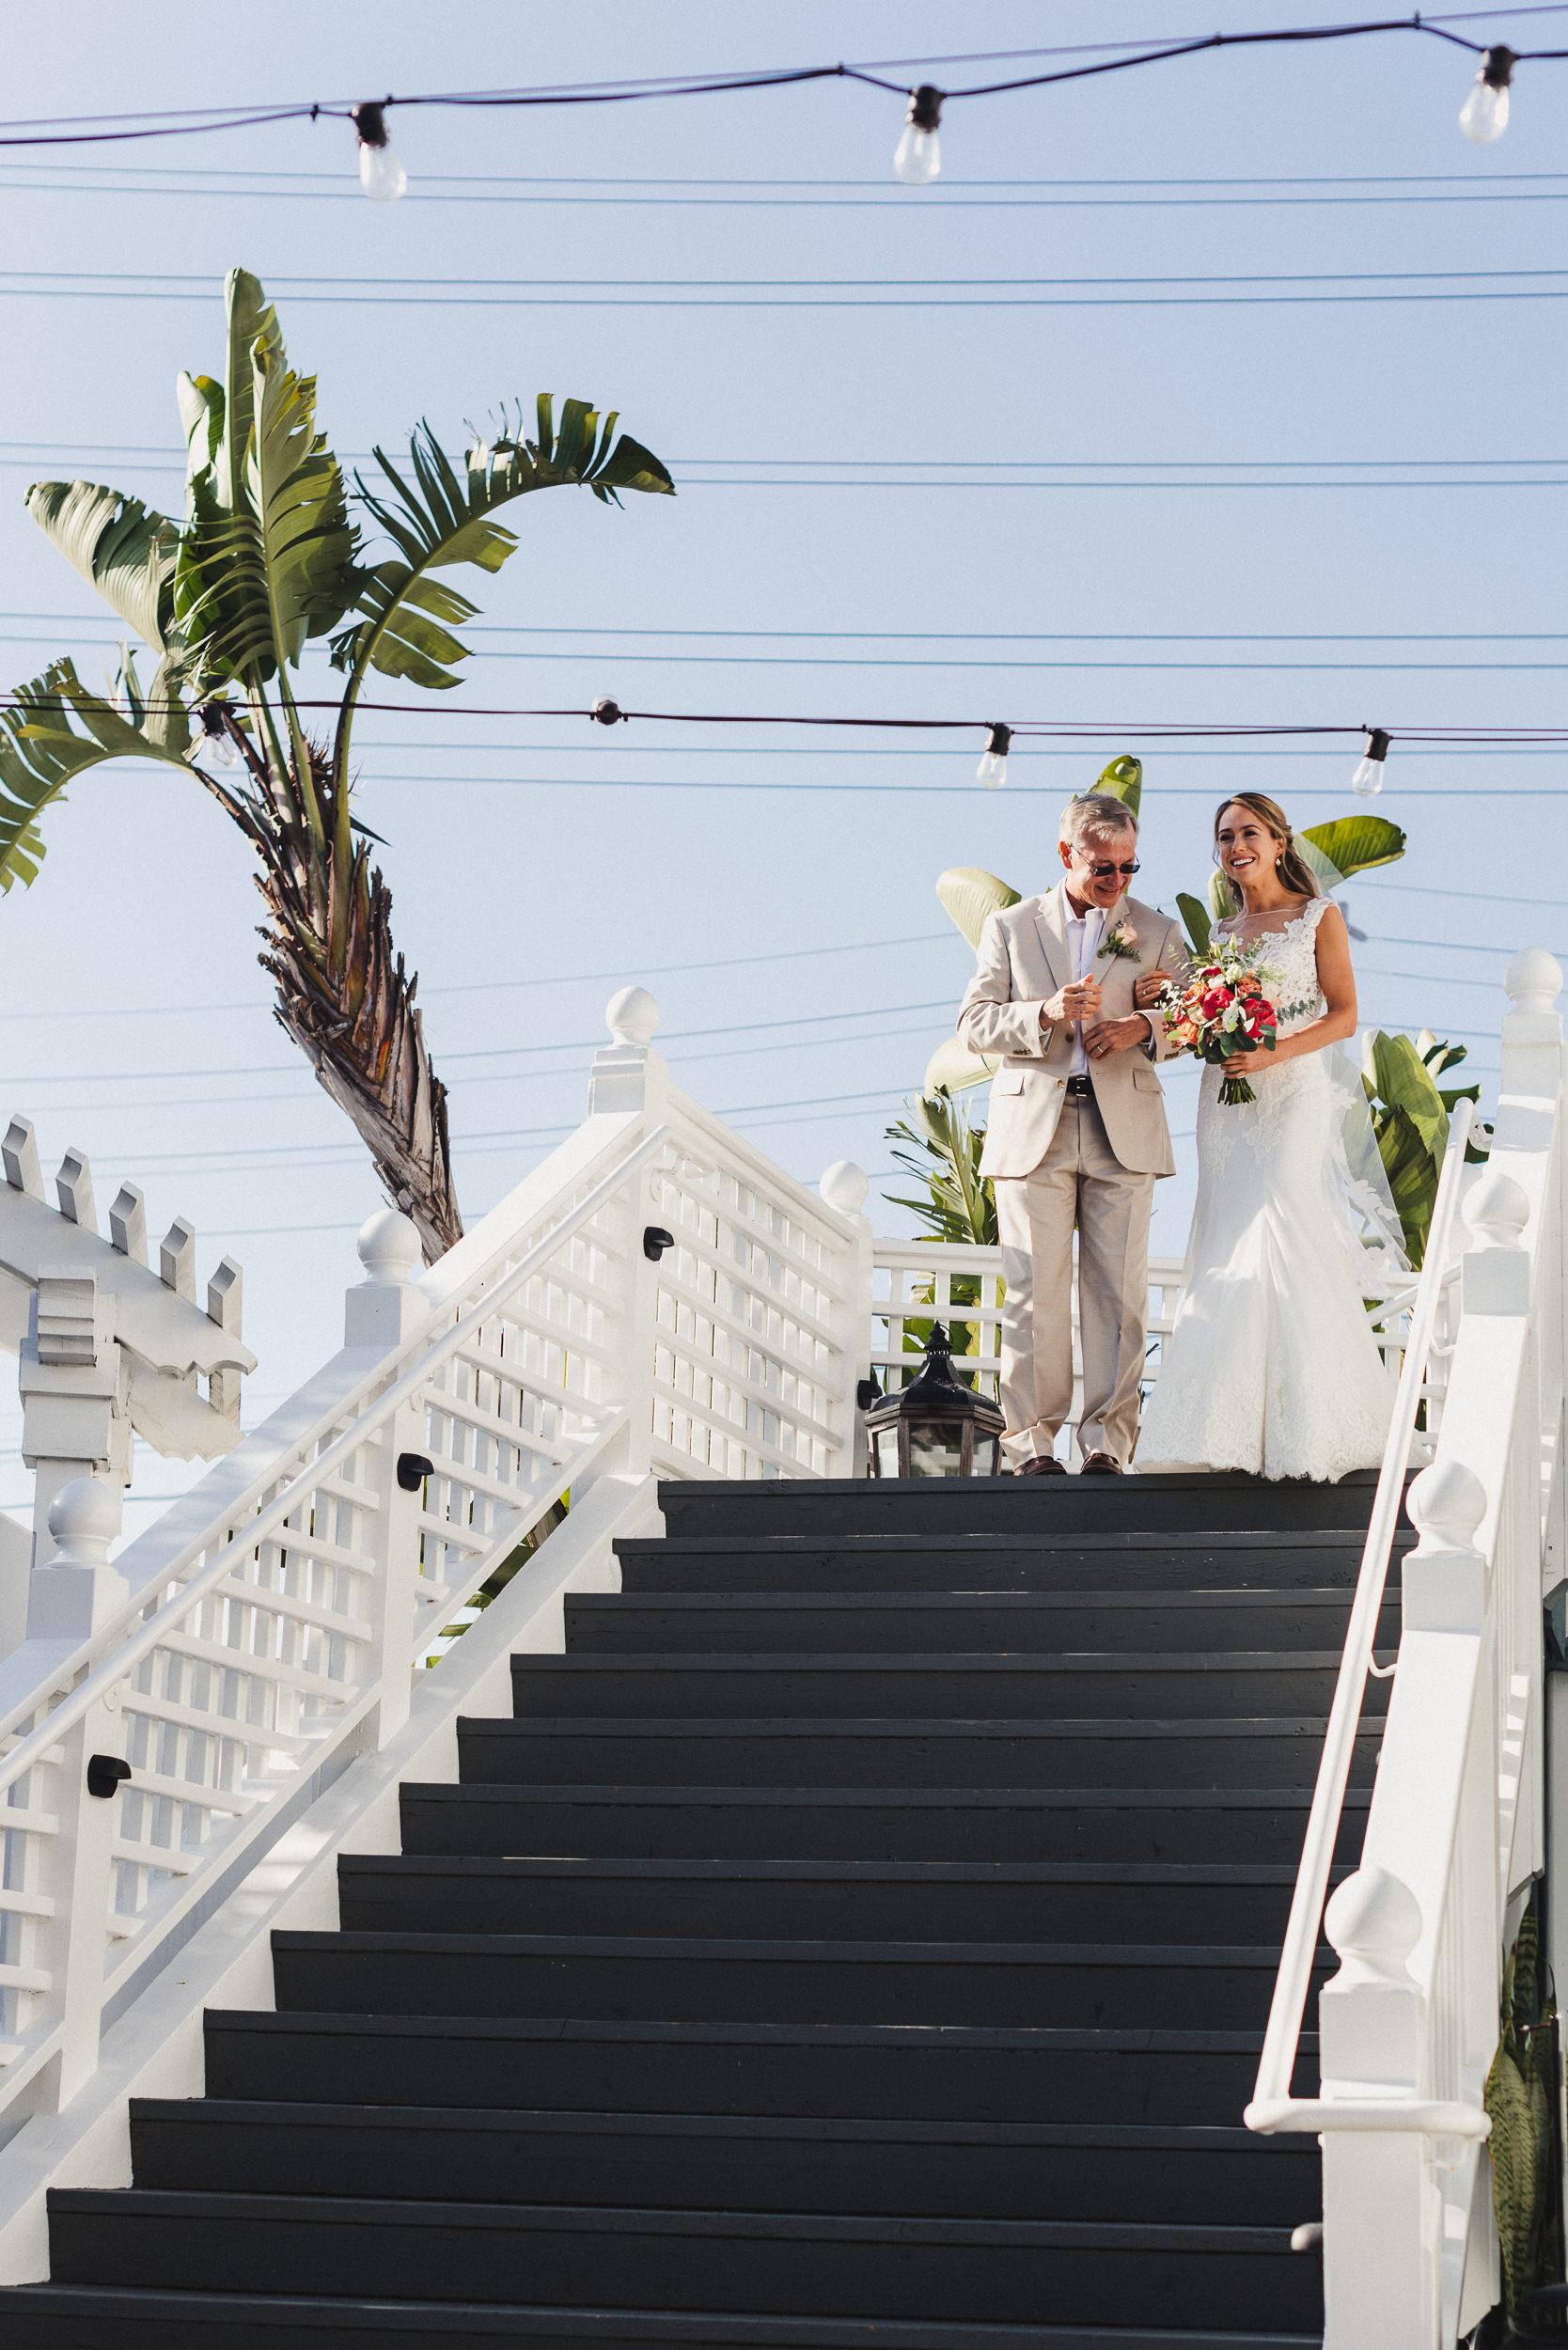 sL + E - Verandas Manhattan Beach - 06 Ceremony-3.jpg